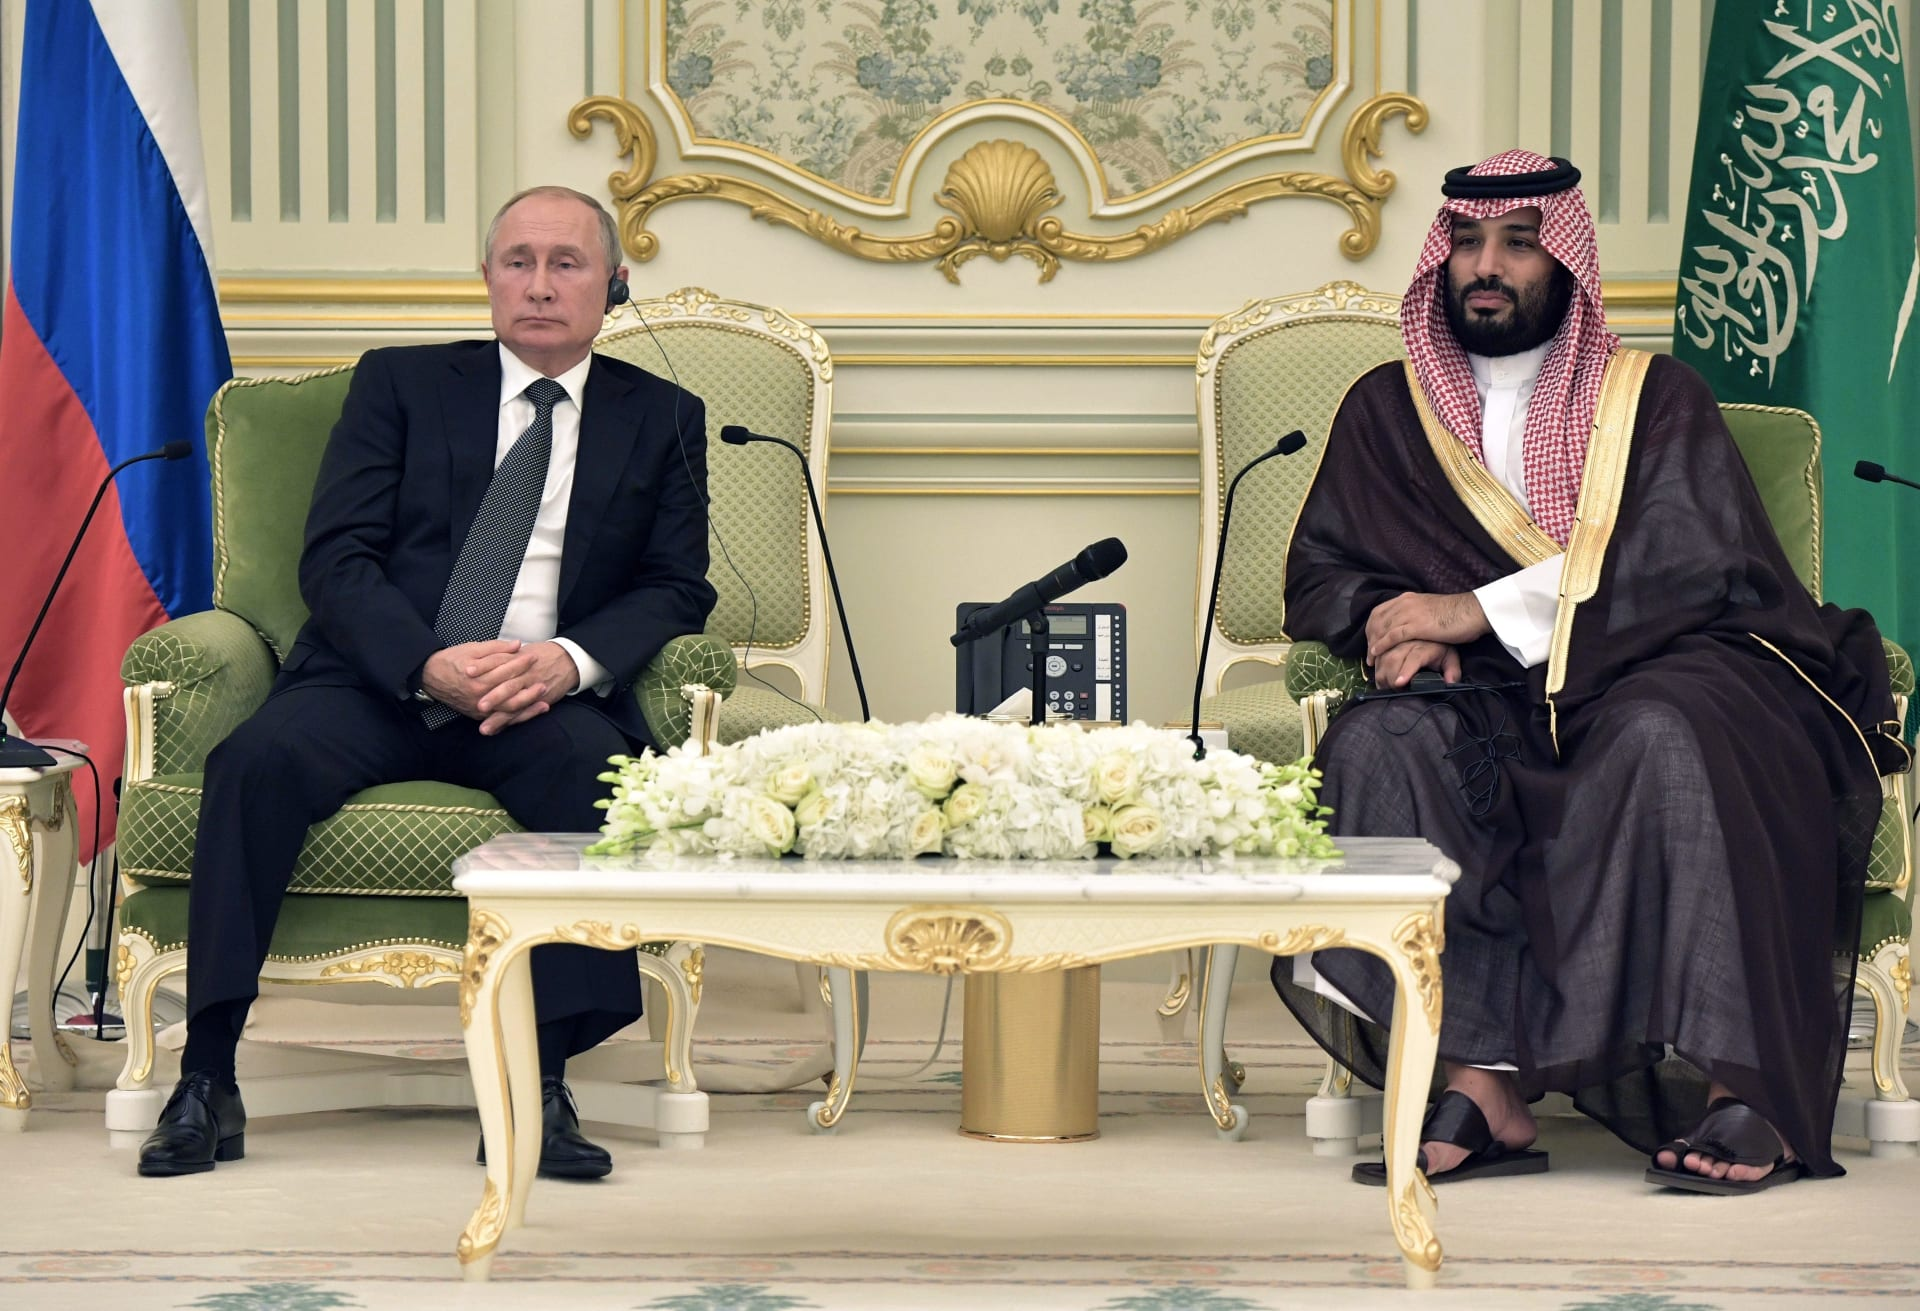 ولي العهد السعودي يصطحب بوتين في جولة في المنطقة التي شهدت تأسيس المملكة